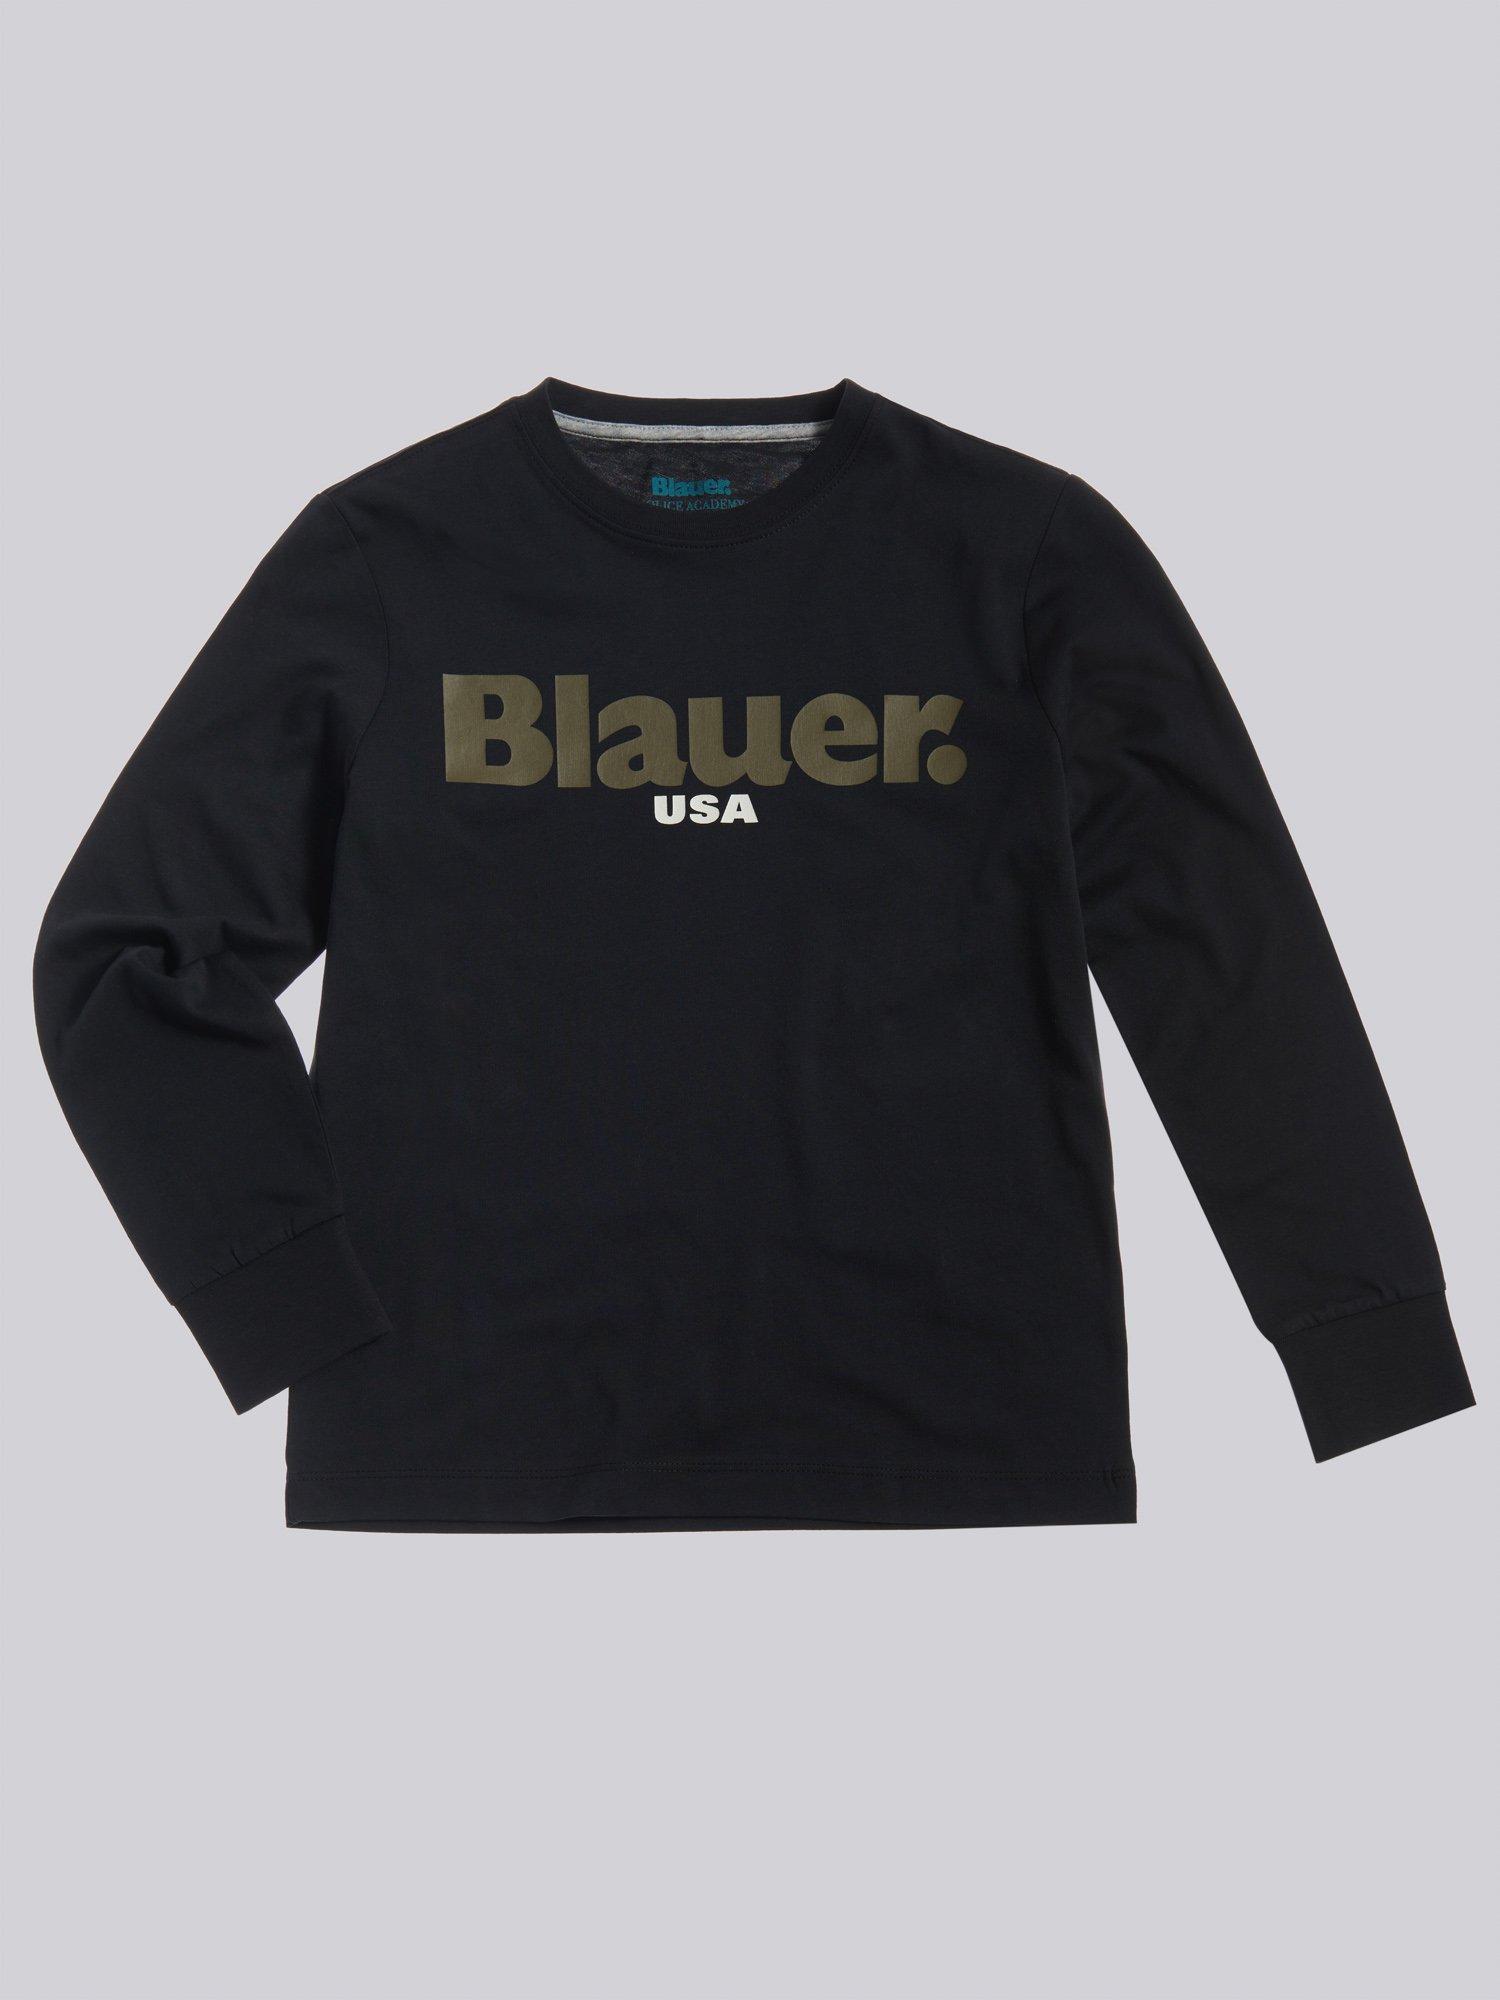 BLAUER LONG SLEEVE T-SHIRT - Blauer